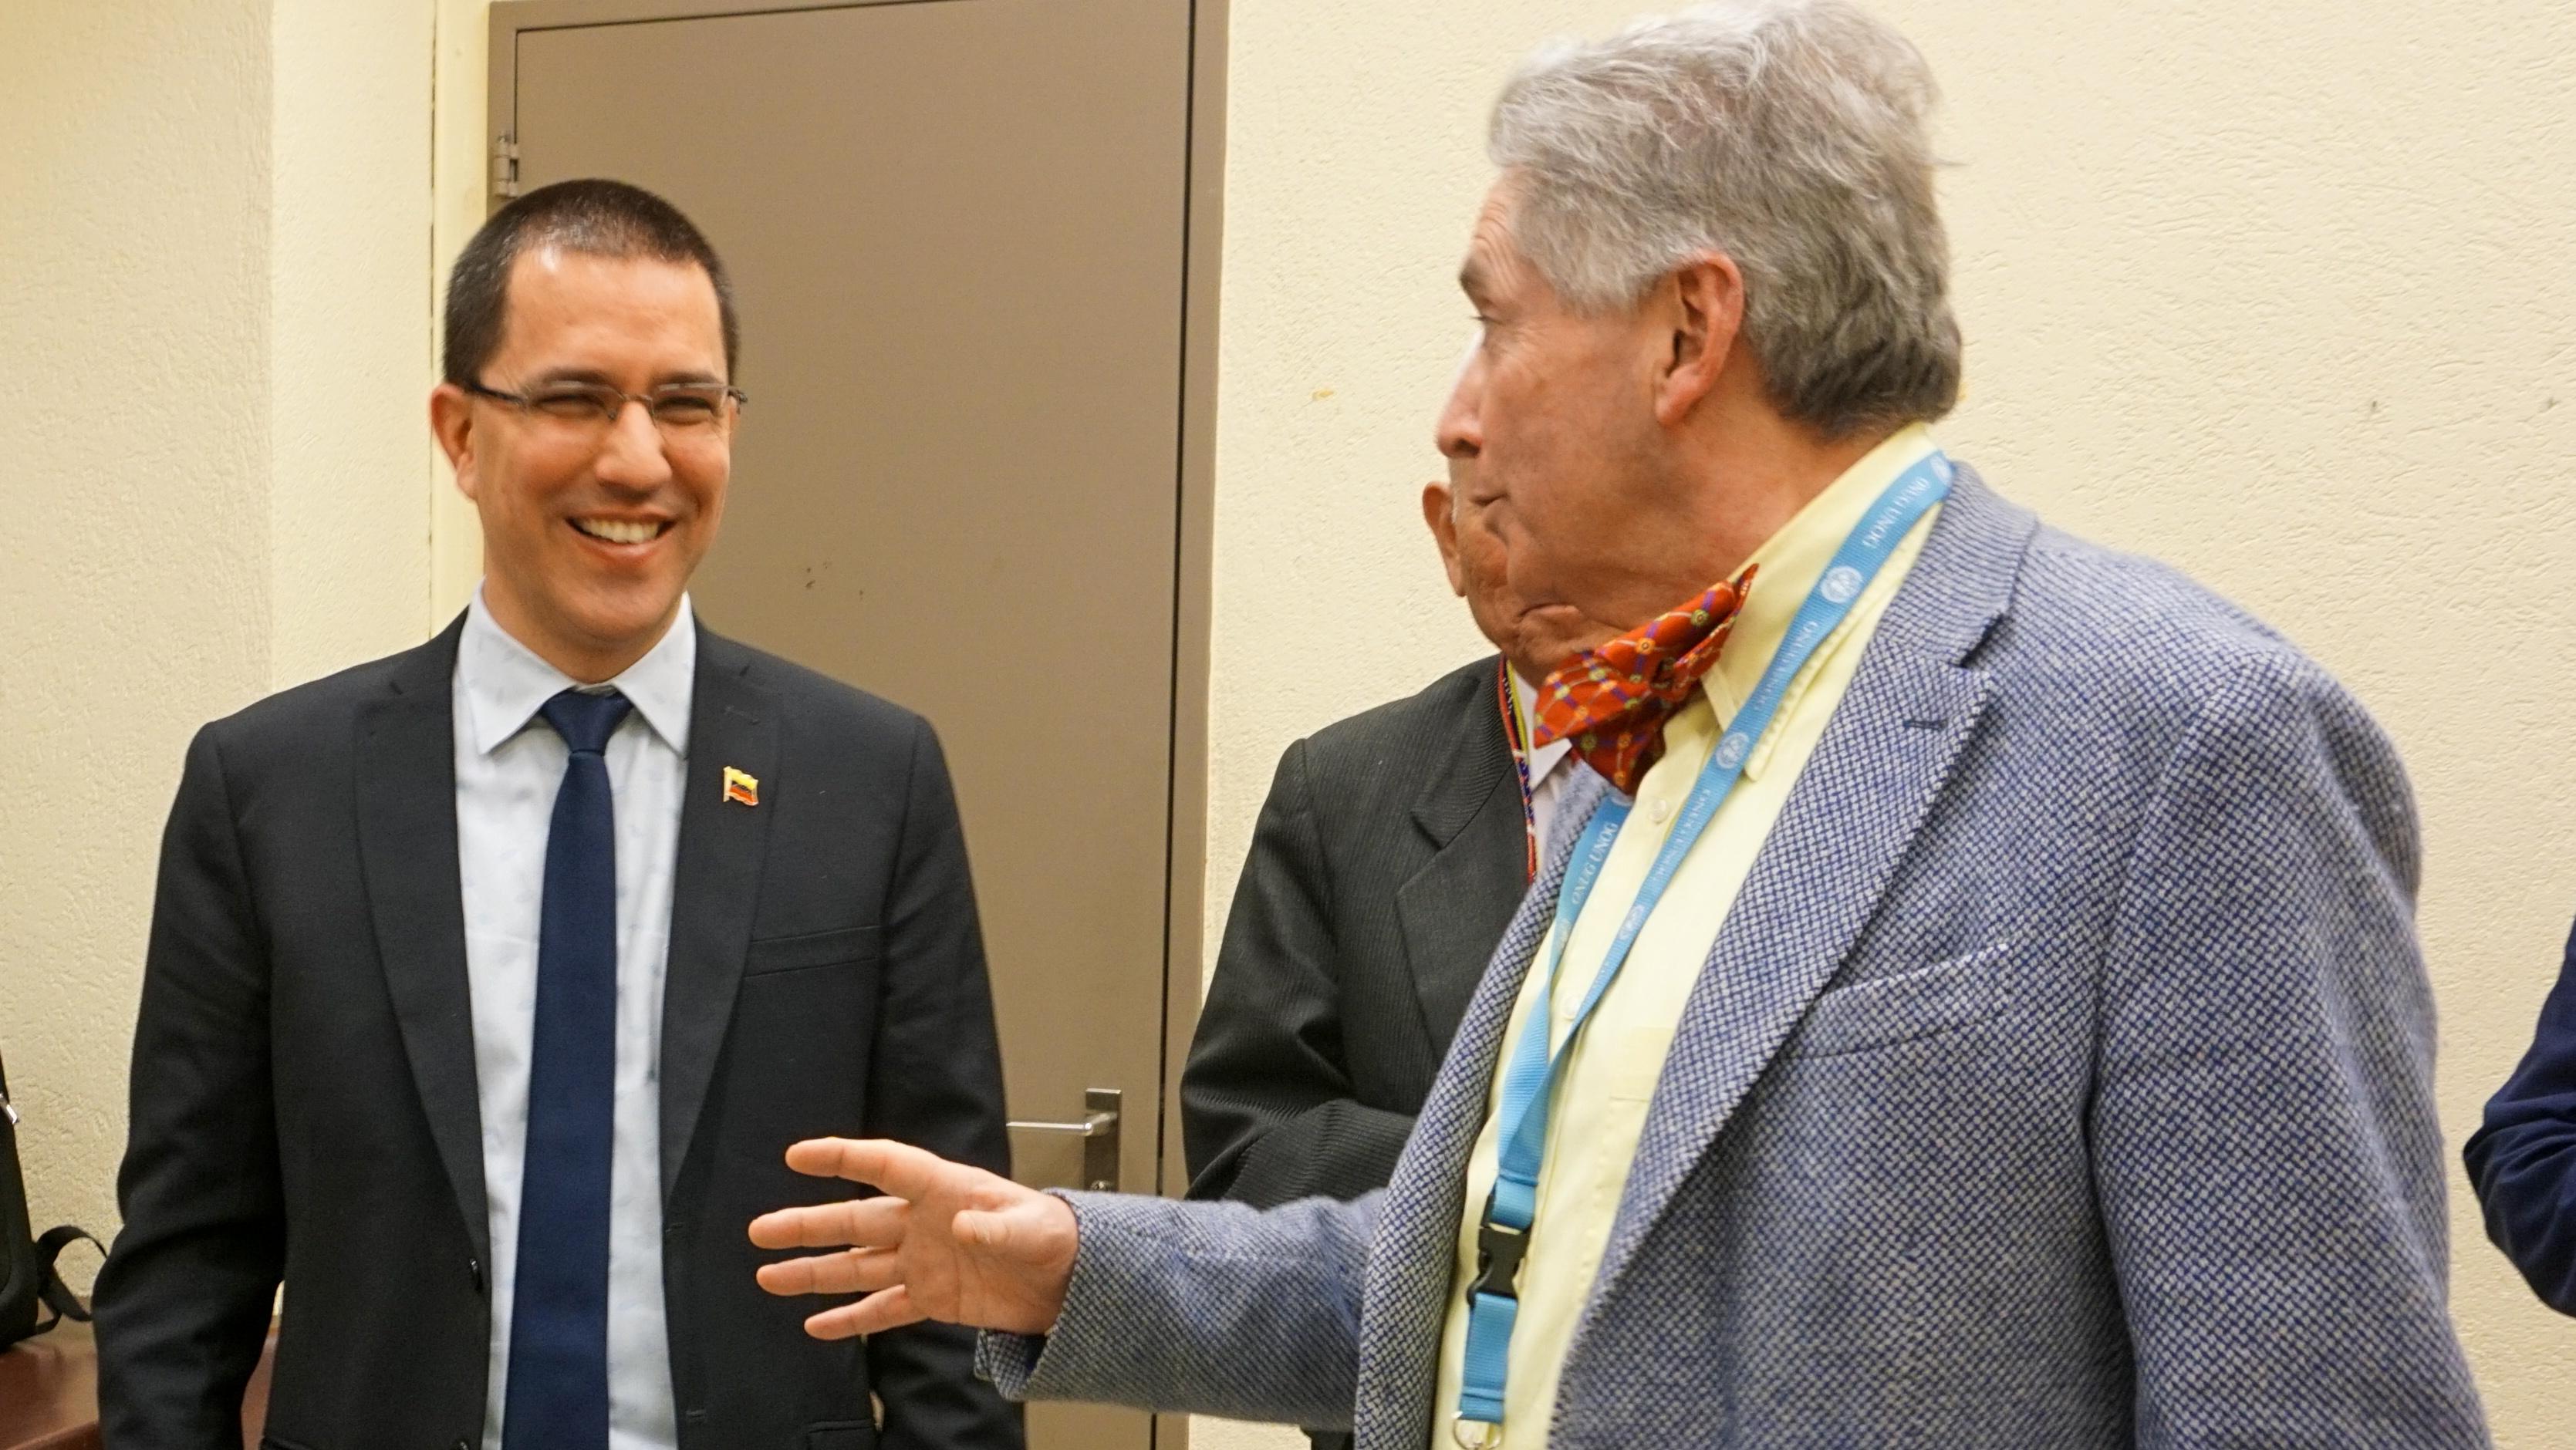 Canciller Arreaza se reúne en la ONU Ginebra con experto independiente en DDHH Alfred de Zayas